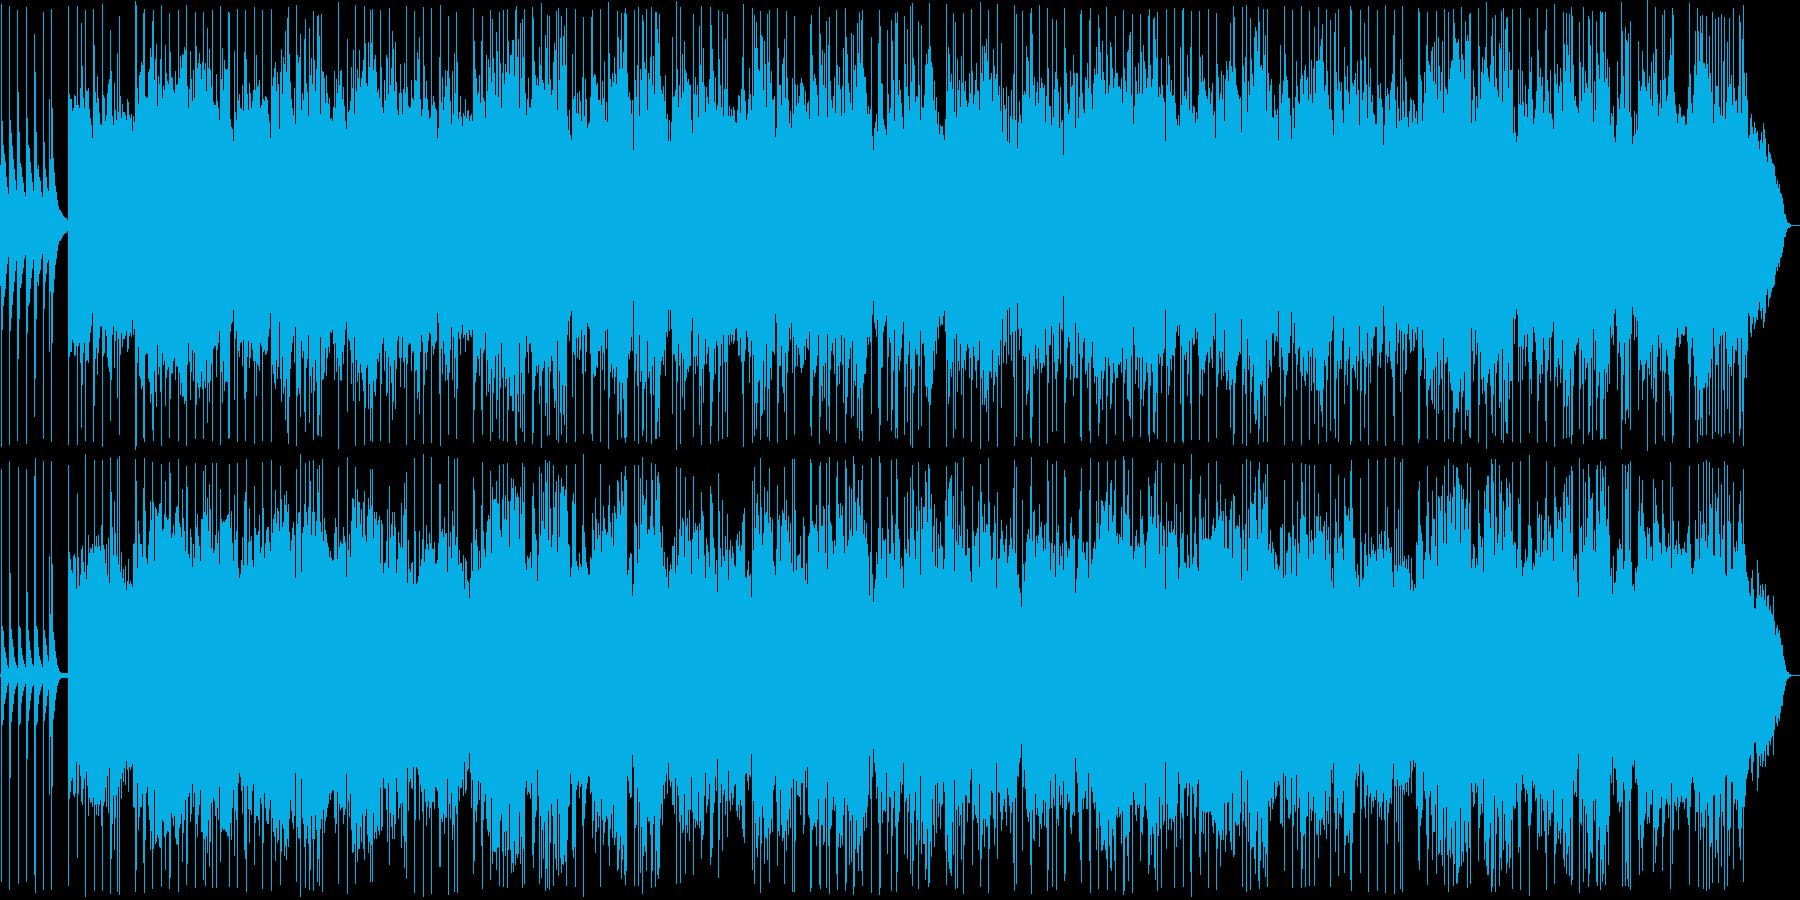 月ぬ美(かい)しゃ / 沖縄民謡の再生済みの波形